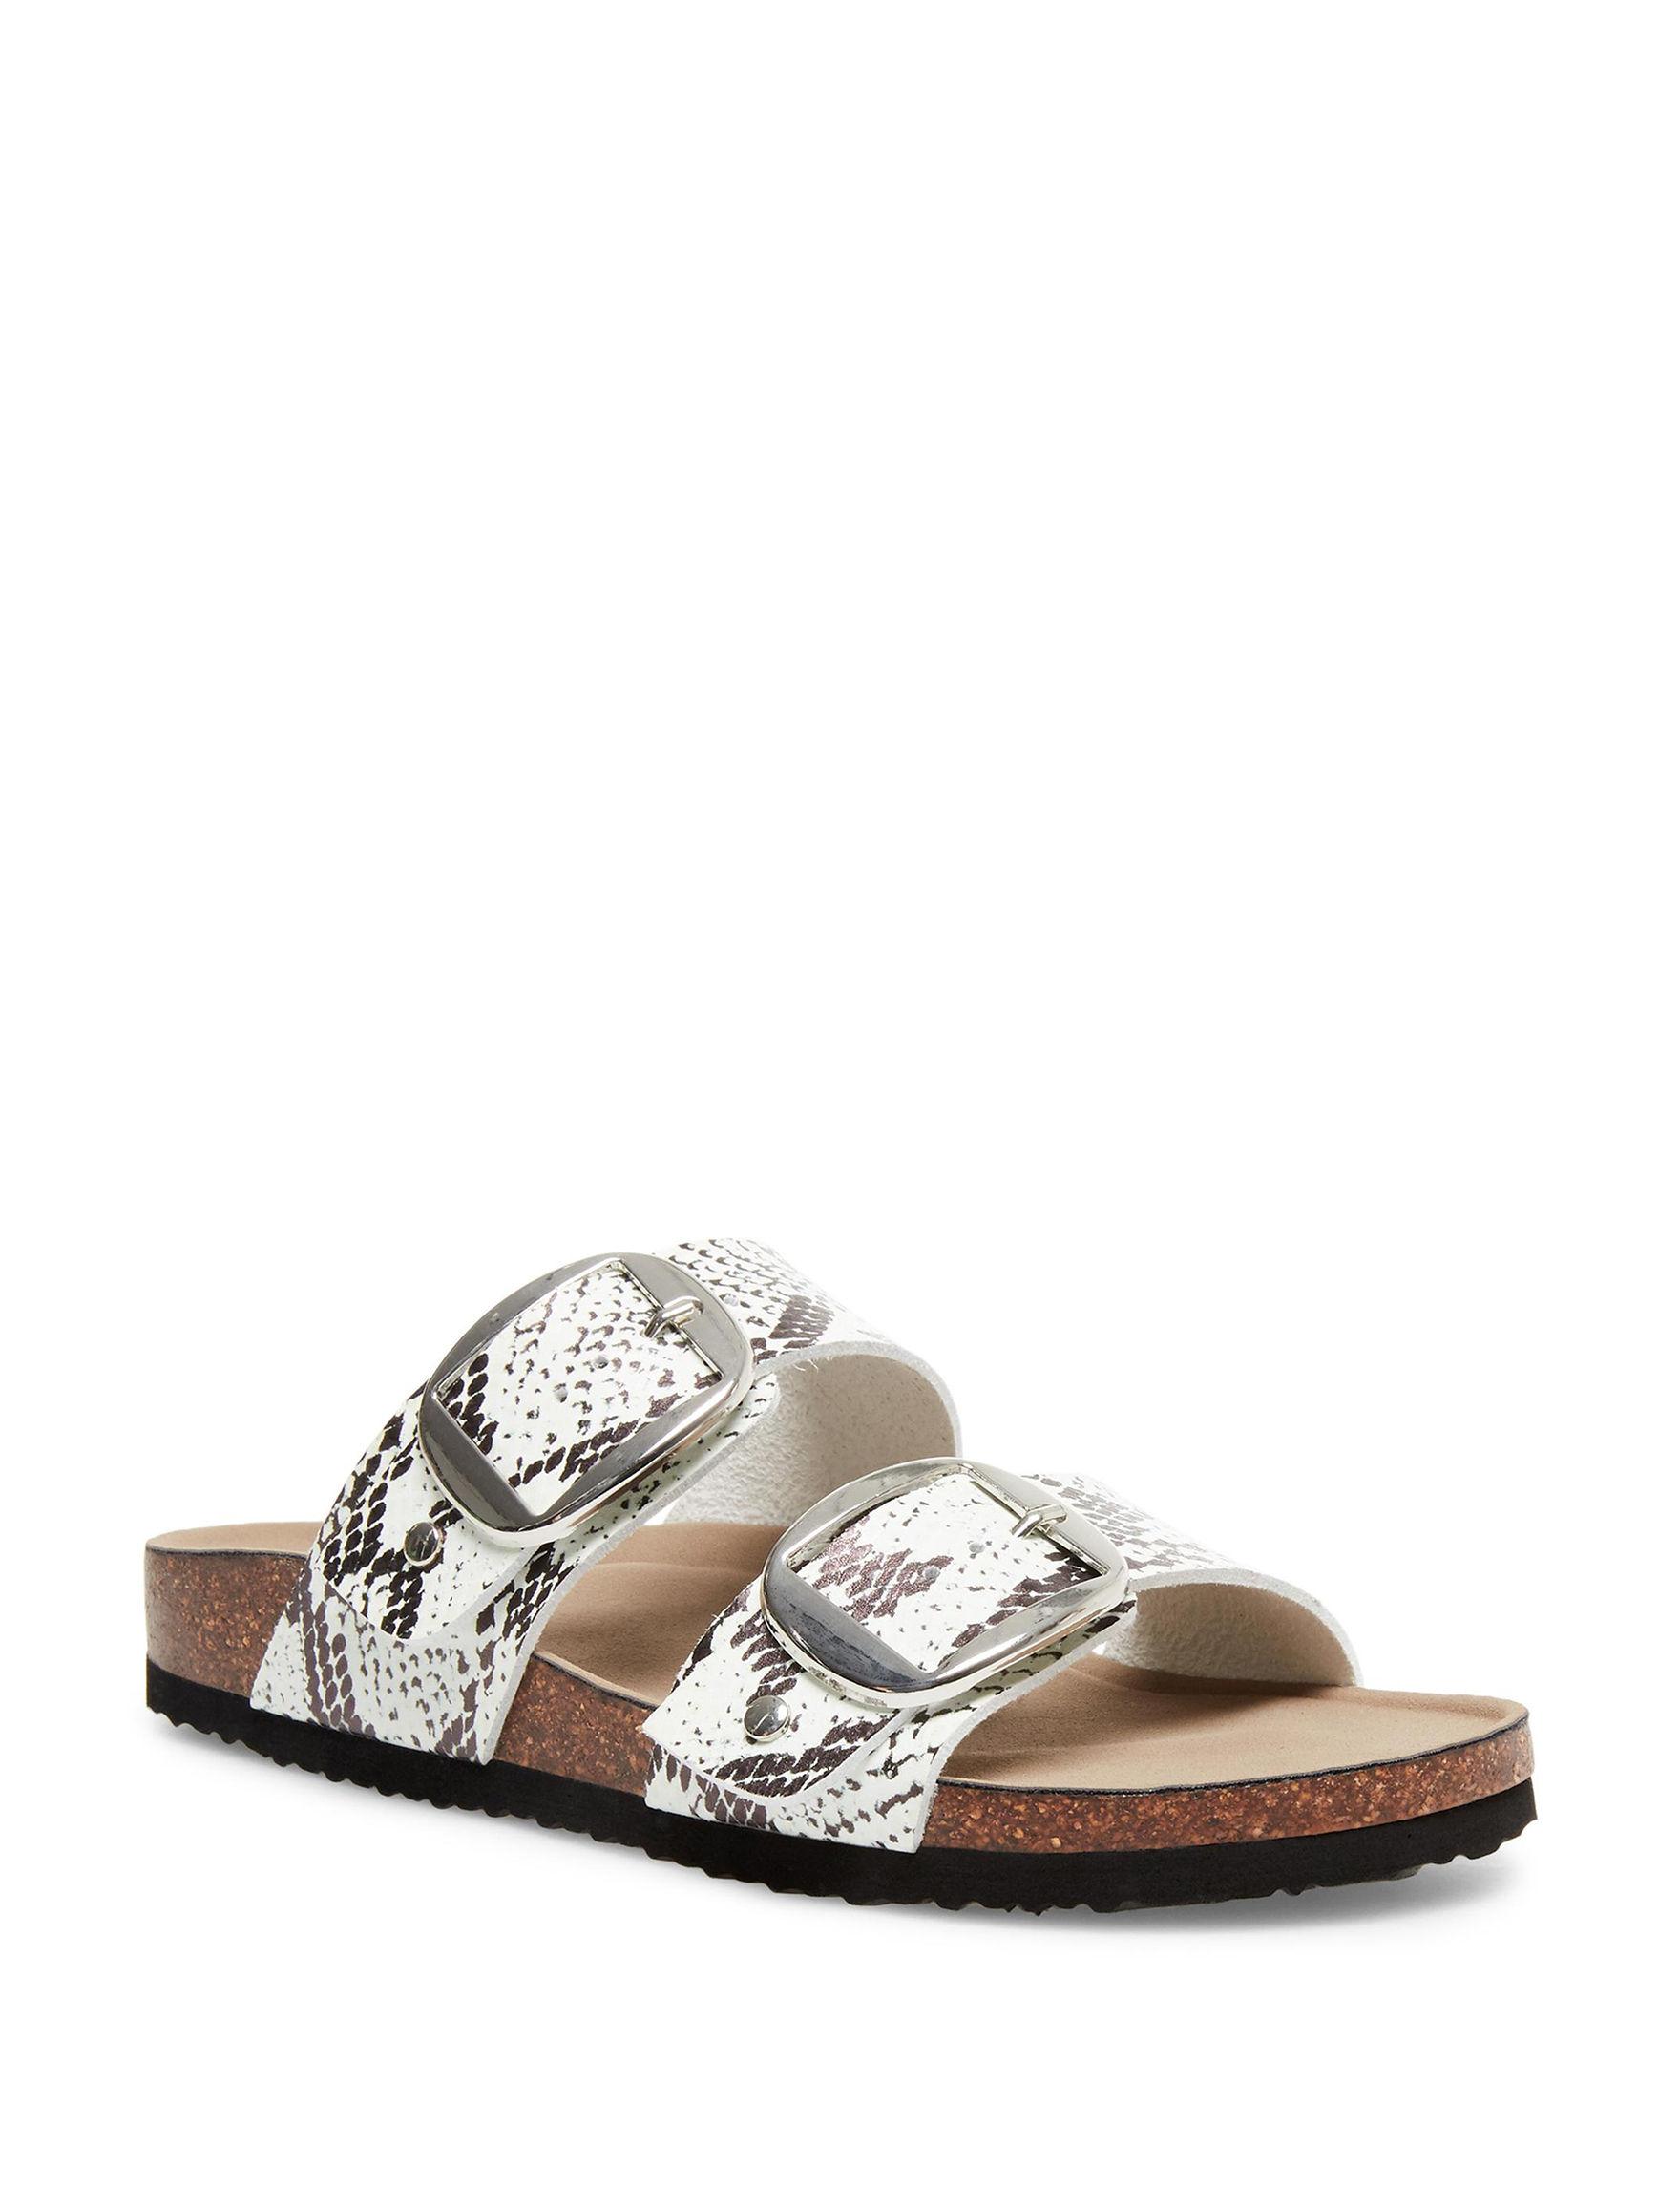 Madden Girl Snake Flat Sandals Footbed